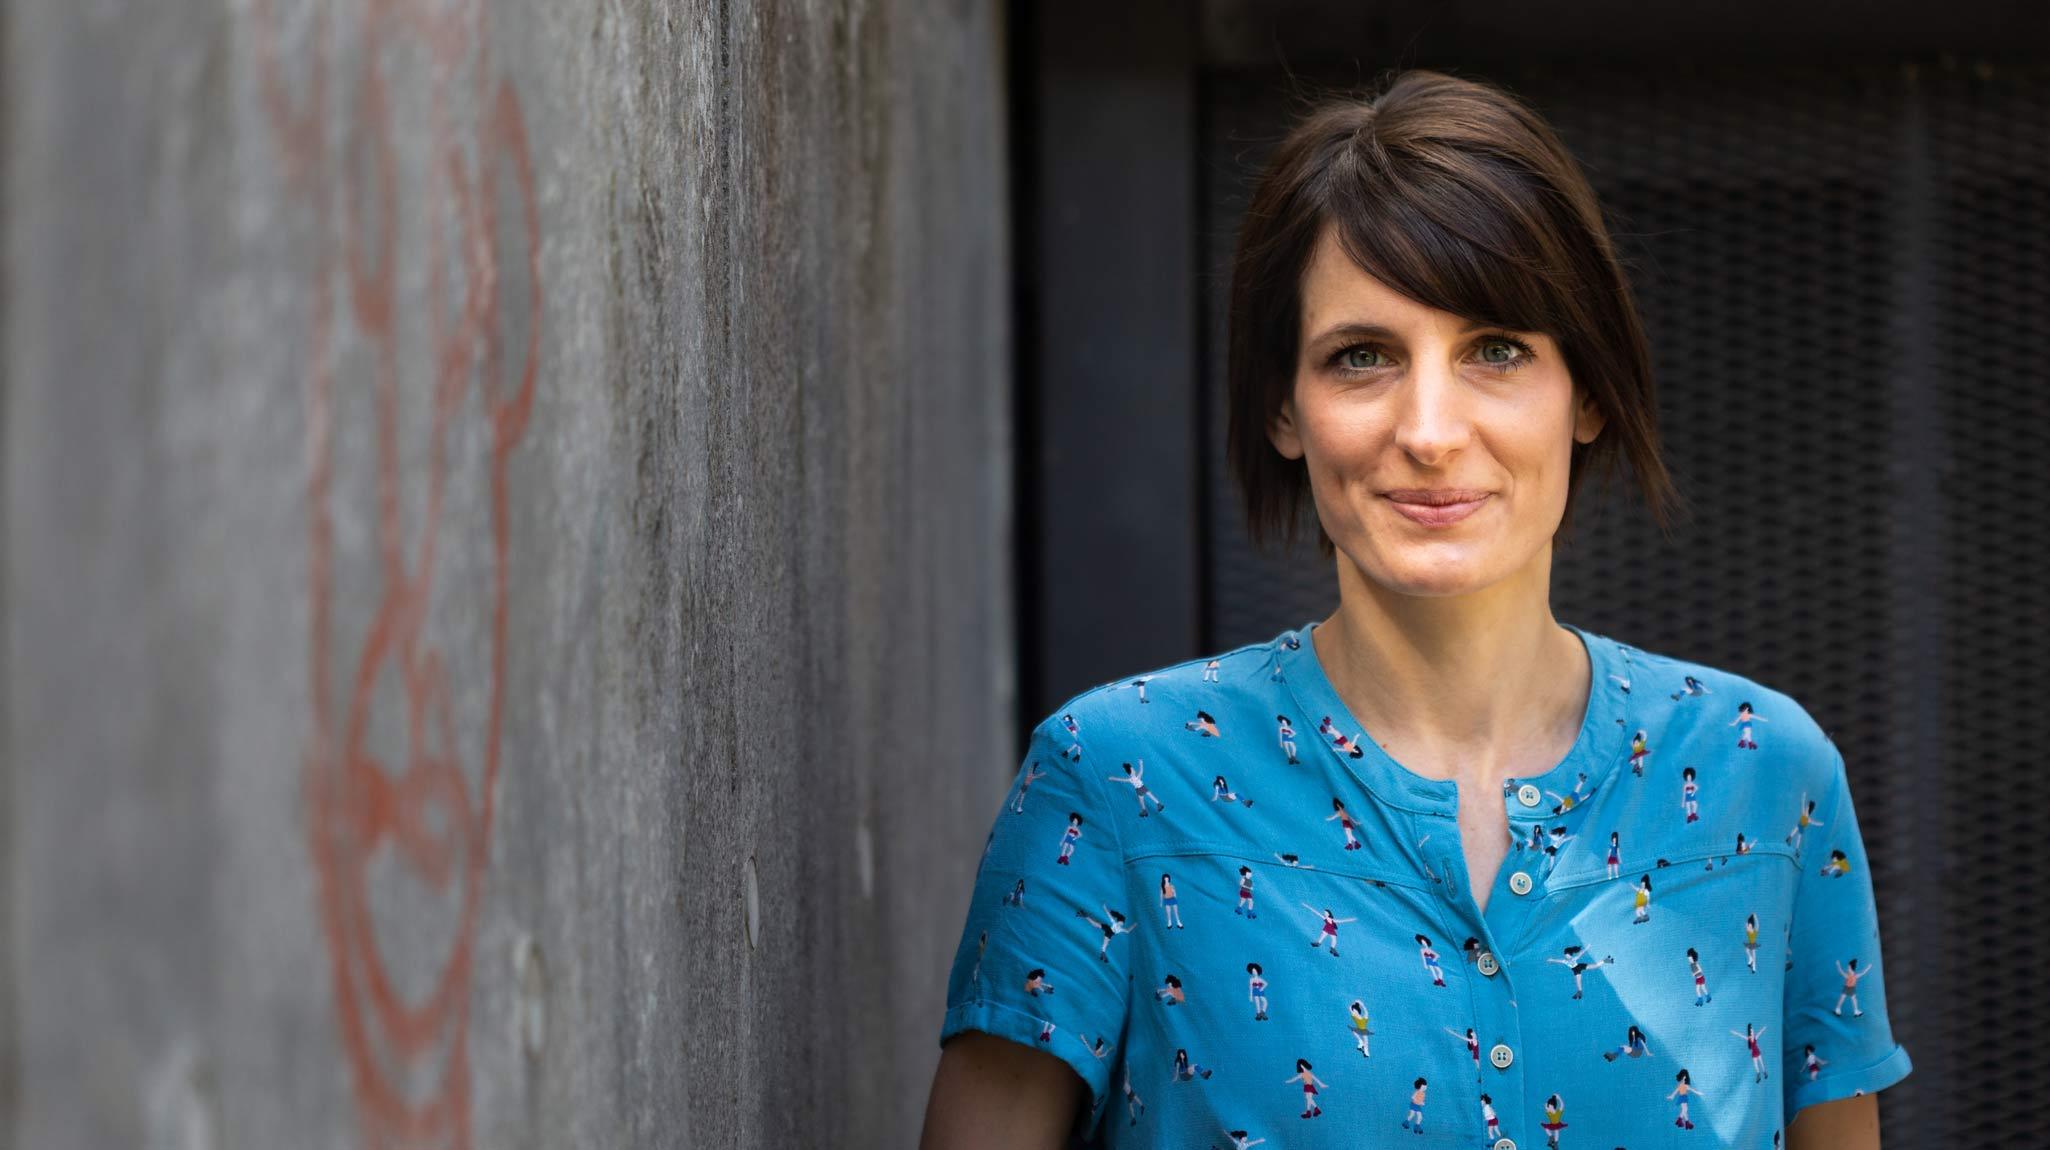 Die Unternehmerin Eva Rechau betreibt das Café no milk today. Sie lehnt an einer grauen Wand, trägt eine hellblaue Bluse und dunkelbraunes Haar.